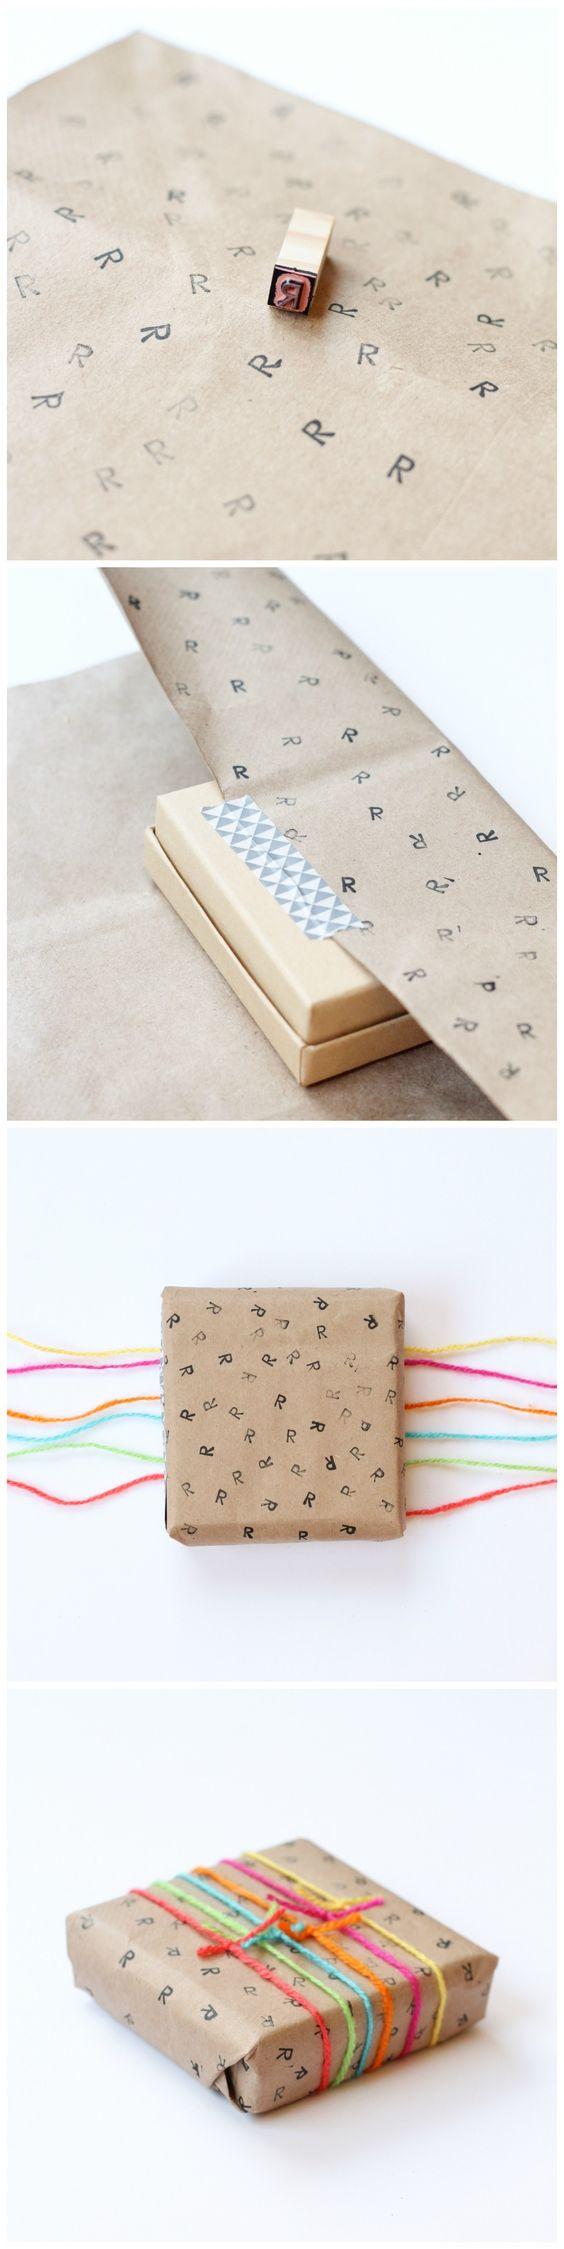 Envoltorios de paquetes o empaquetados para regalos en navidad con sellos de letras de fondo e hilos de colores.